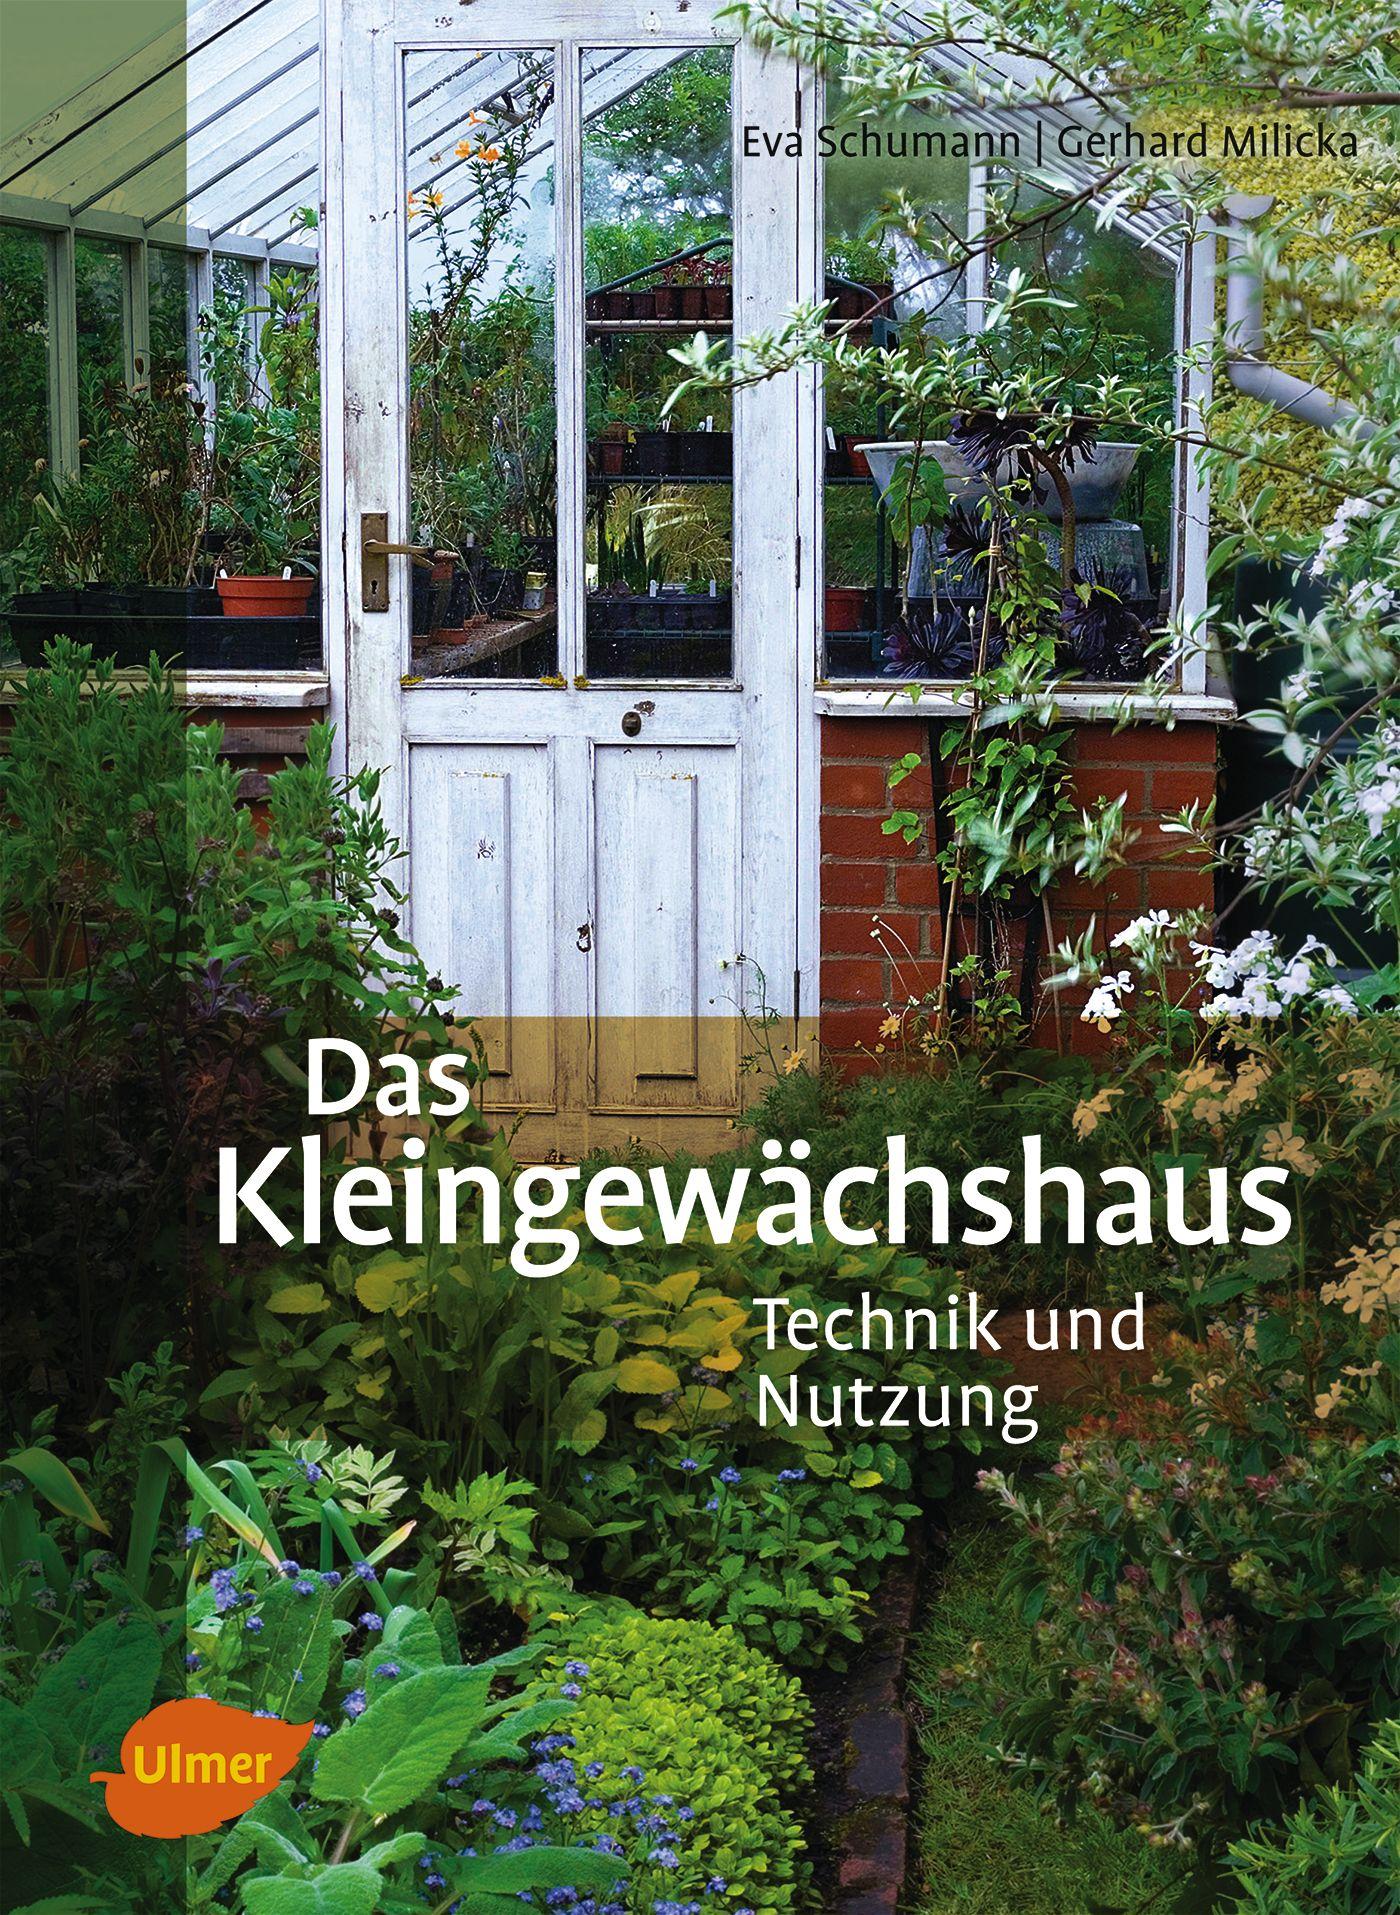 Das Kleingewächshaus: Technik und Nutzung - Schumann, Eva